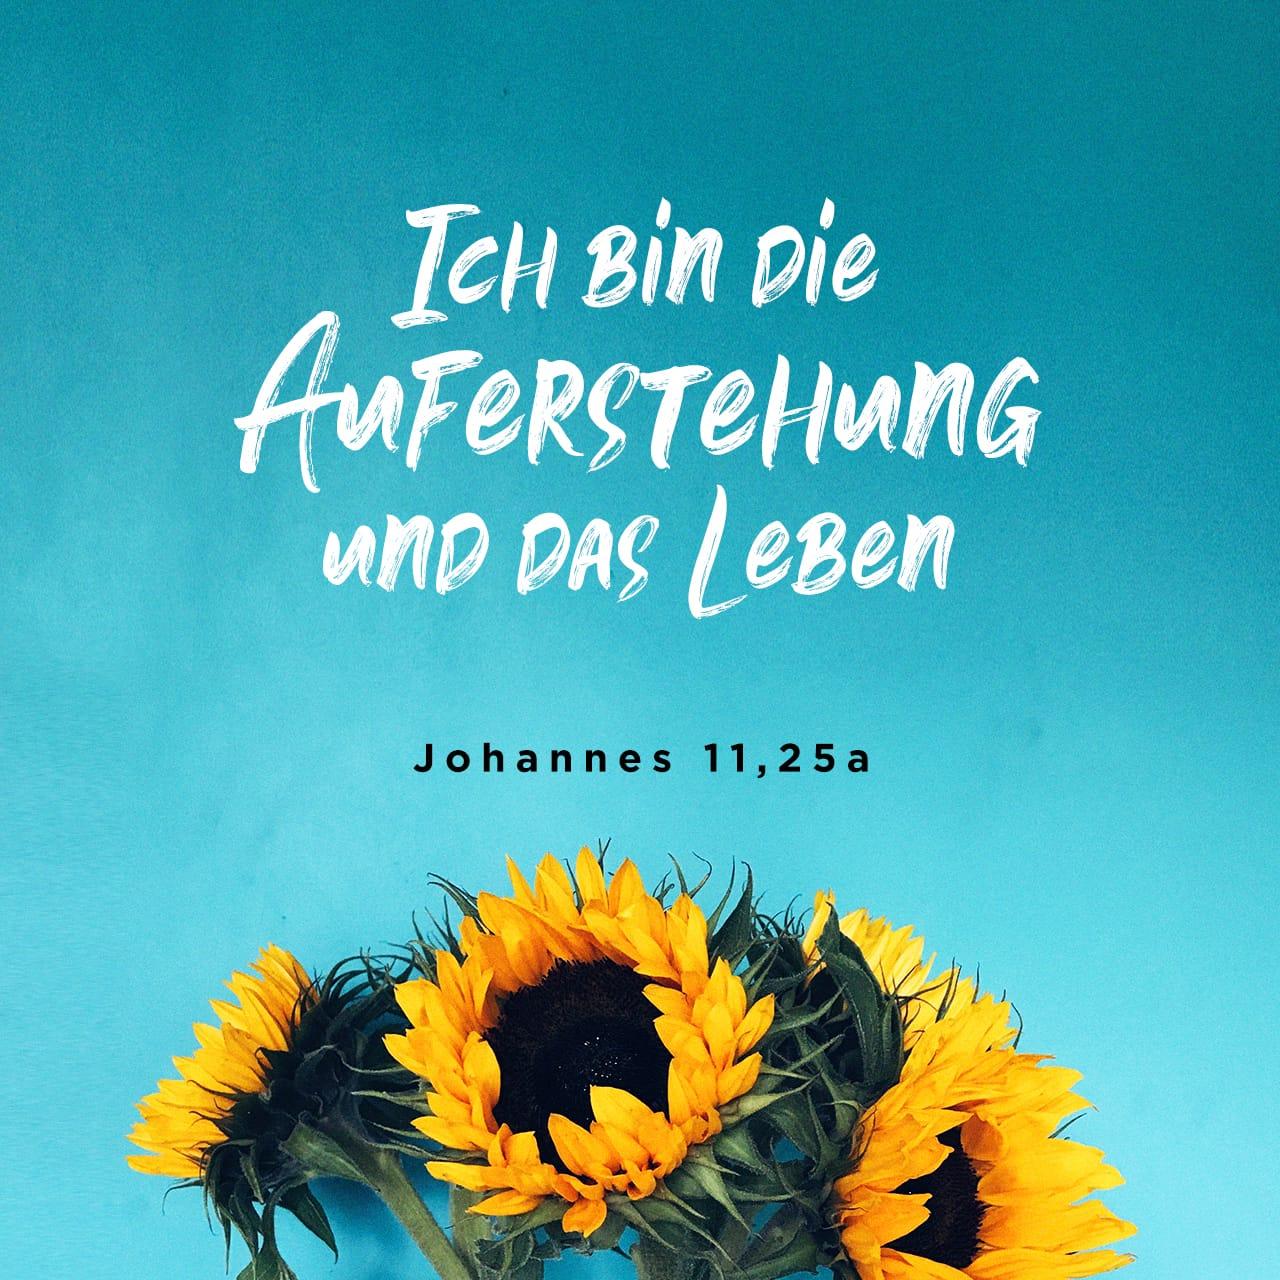 Versbild für Johannes 11,25